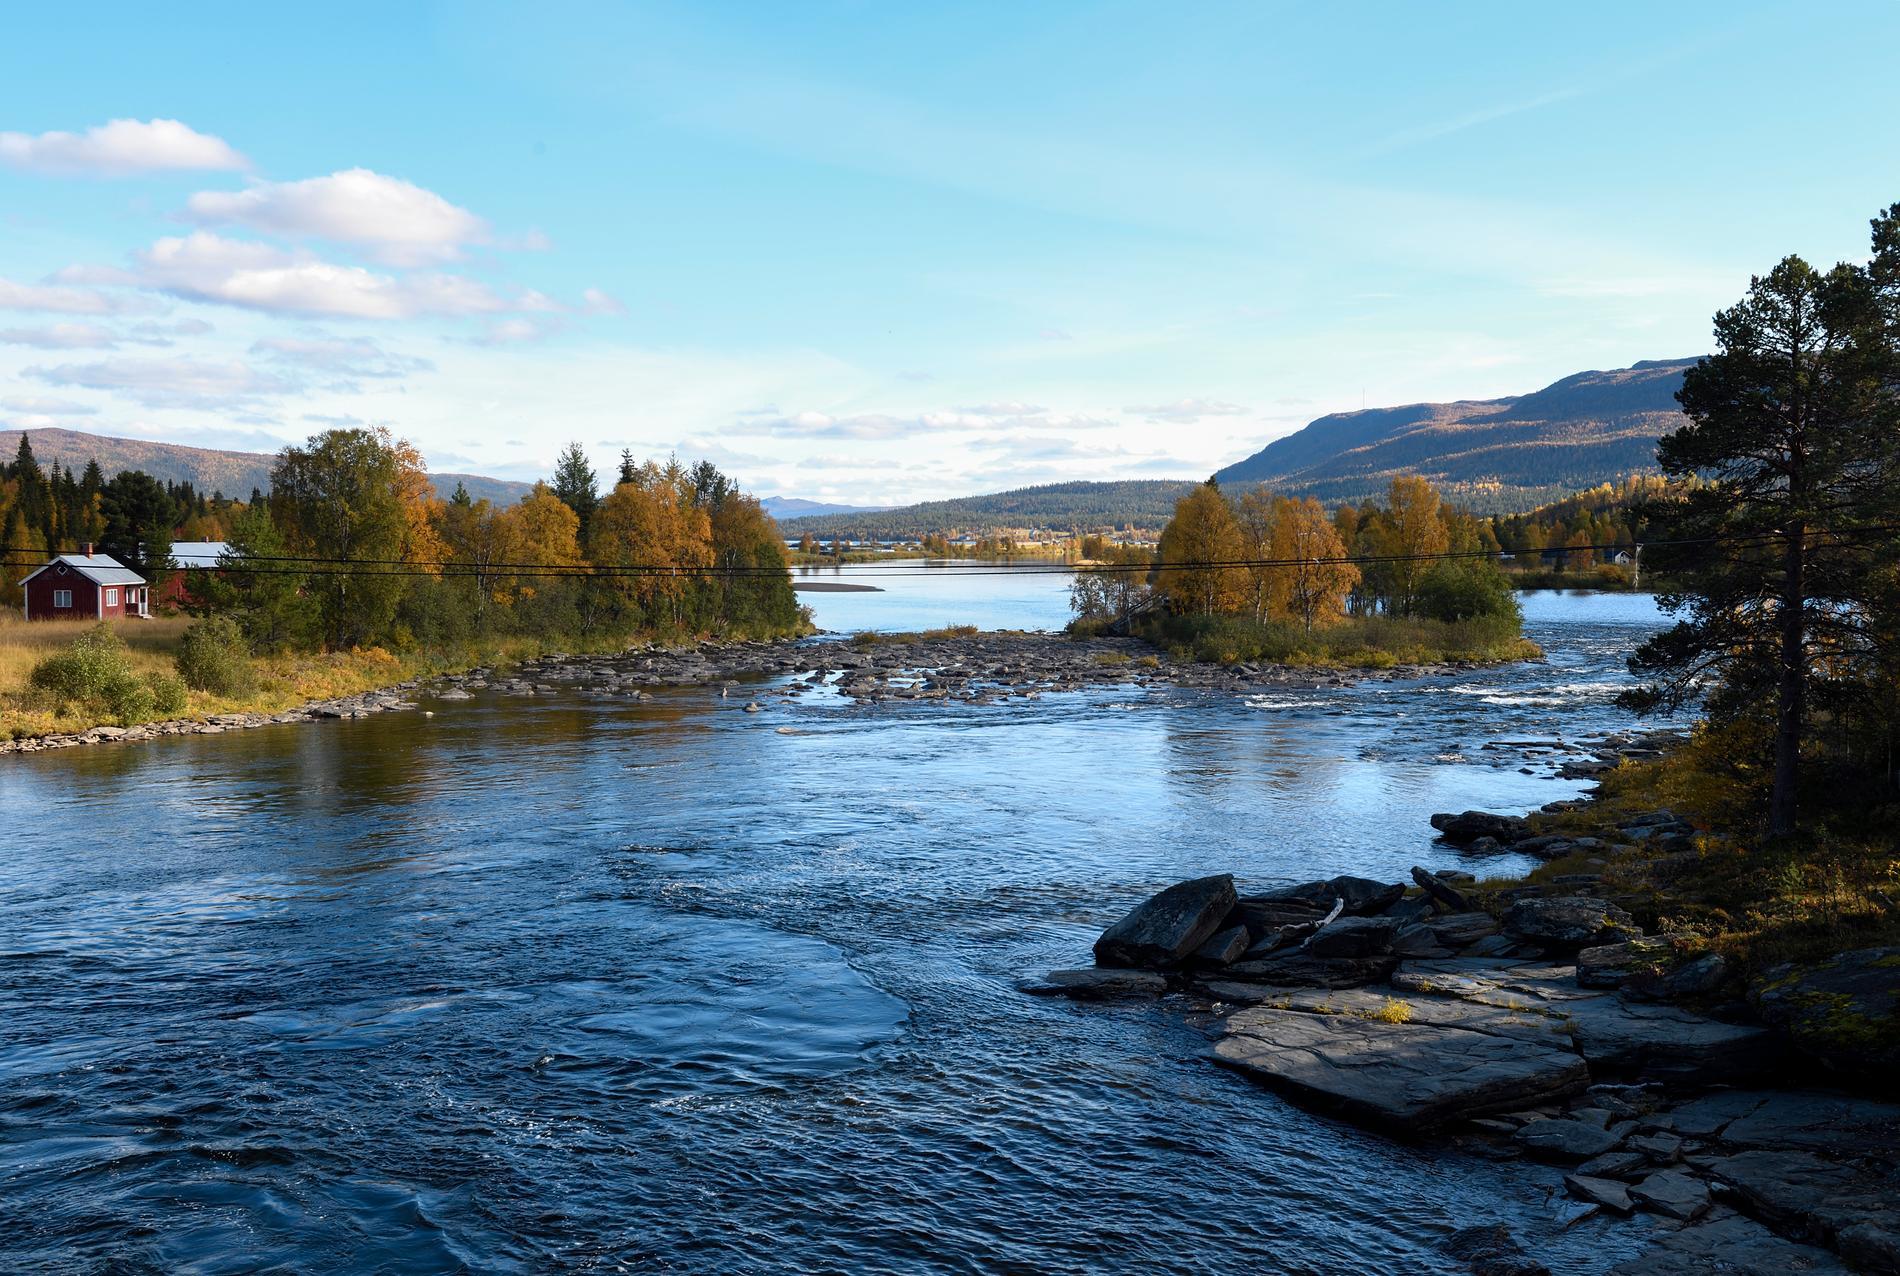 140 kilometer norrländska vattendrag kommer att återställas i det nya vattenvårdsprojektet. Arkivbild.